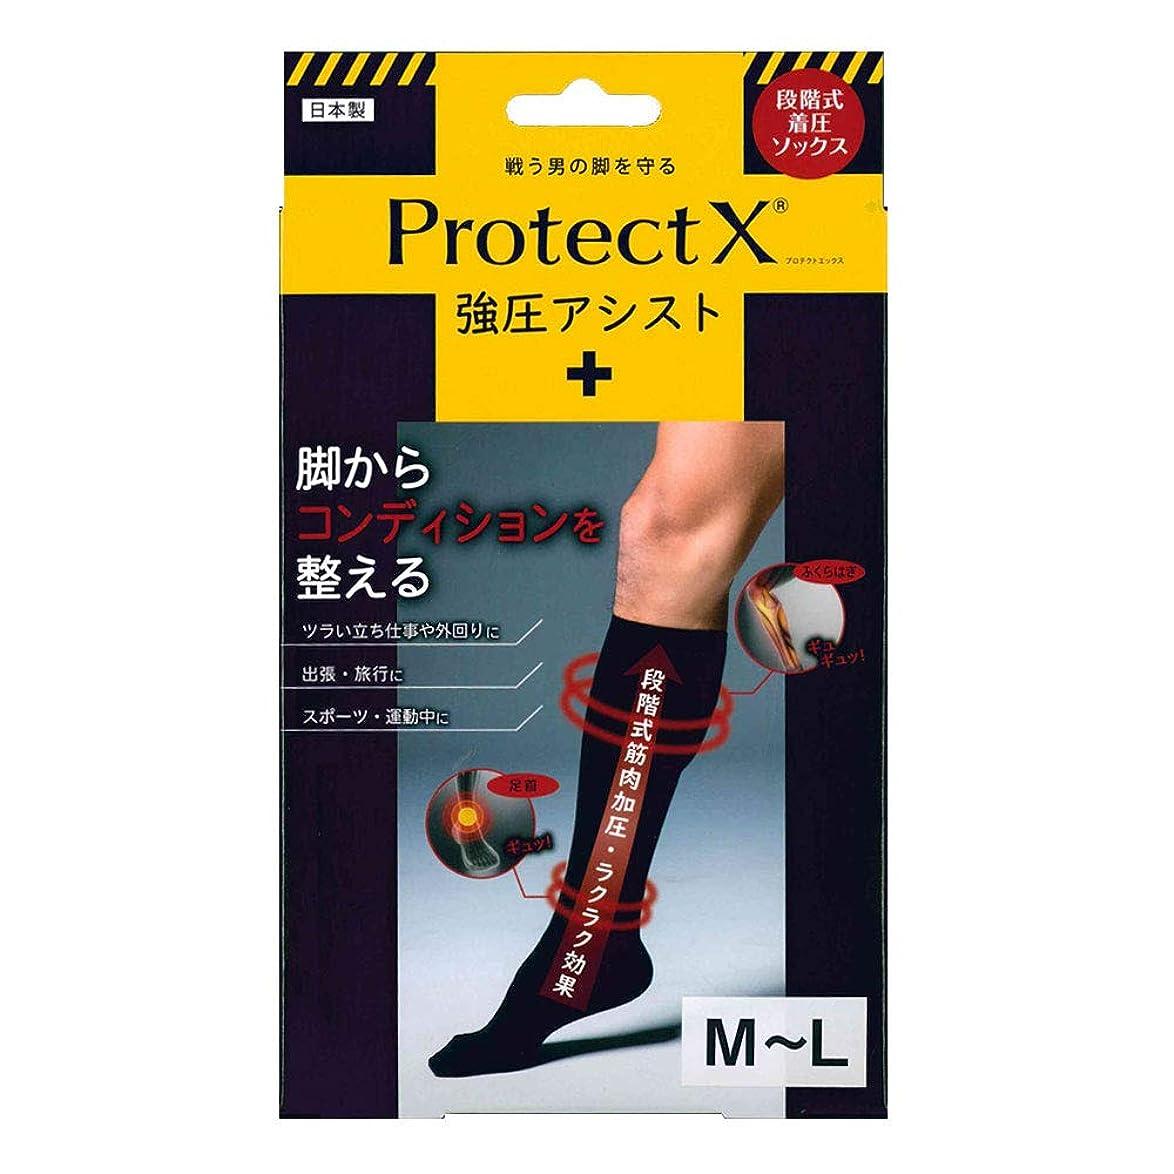 一般化する課す赤面Protect X(プロテクトエックス) 強圧アシスト つま先あり着圧ソックス 膝下 M-Lサイズ ブラック